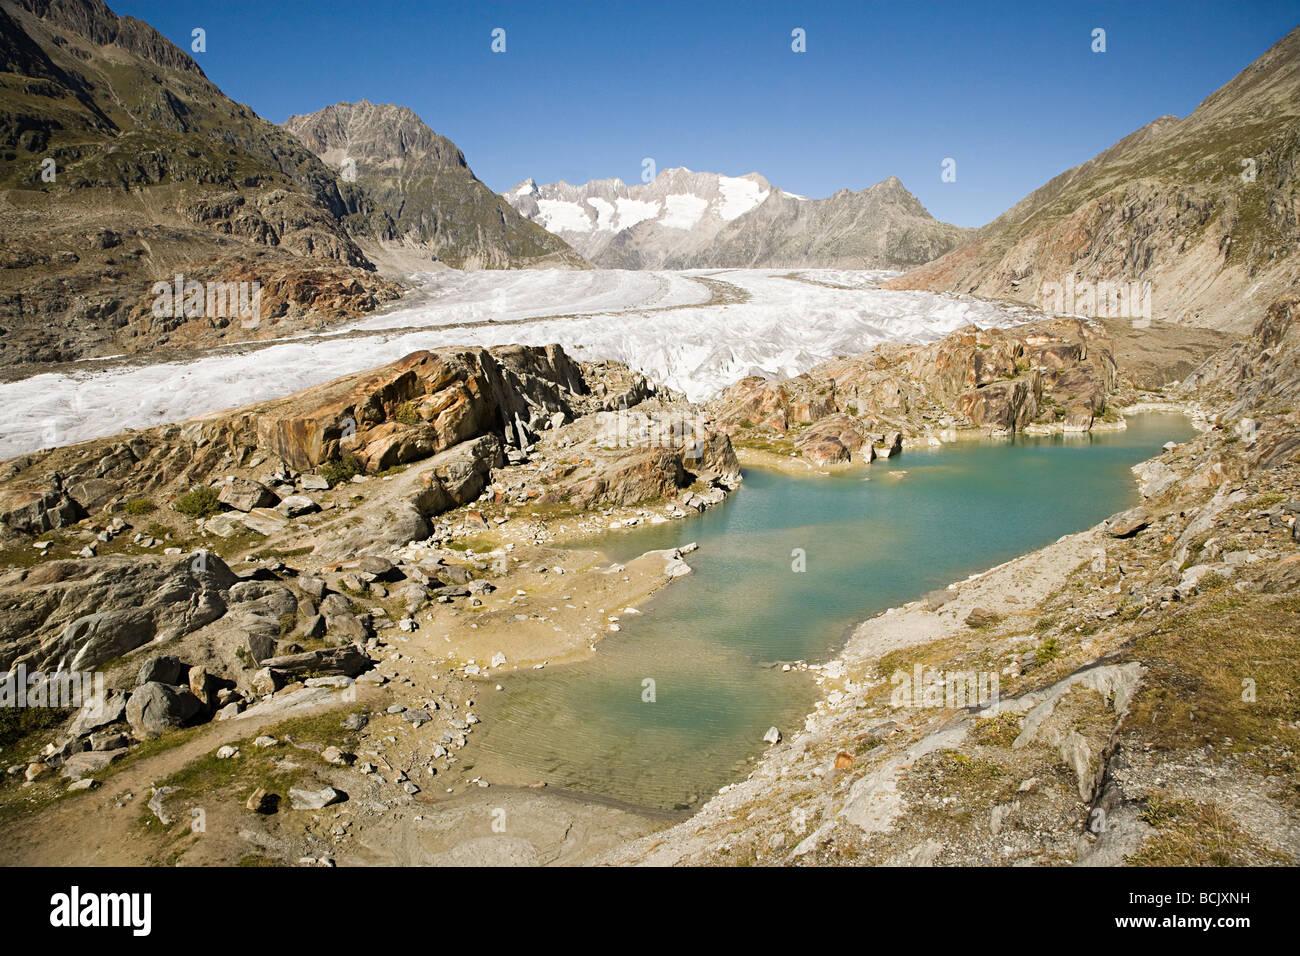 Aletsch glacier in switzerland Stock Photo